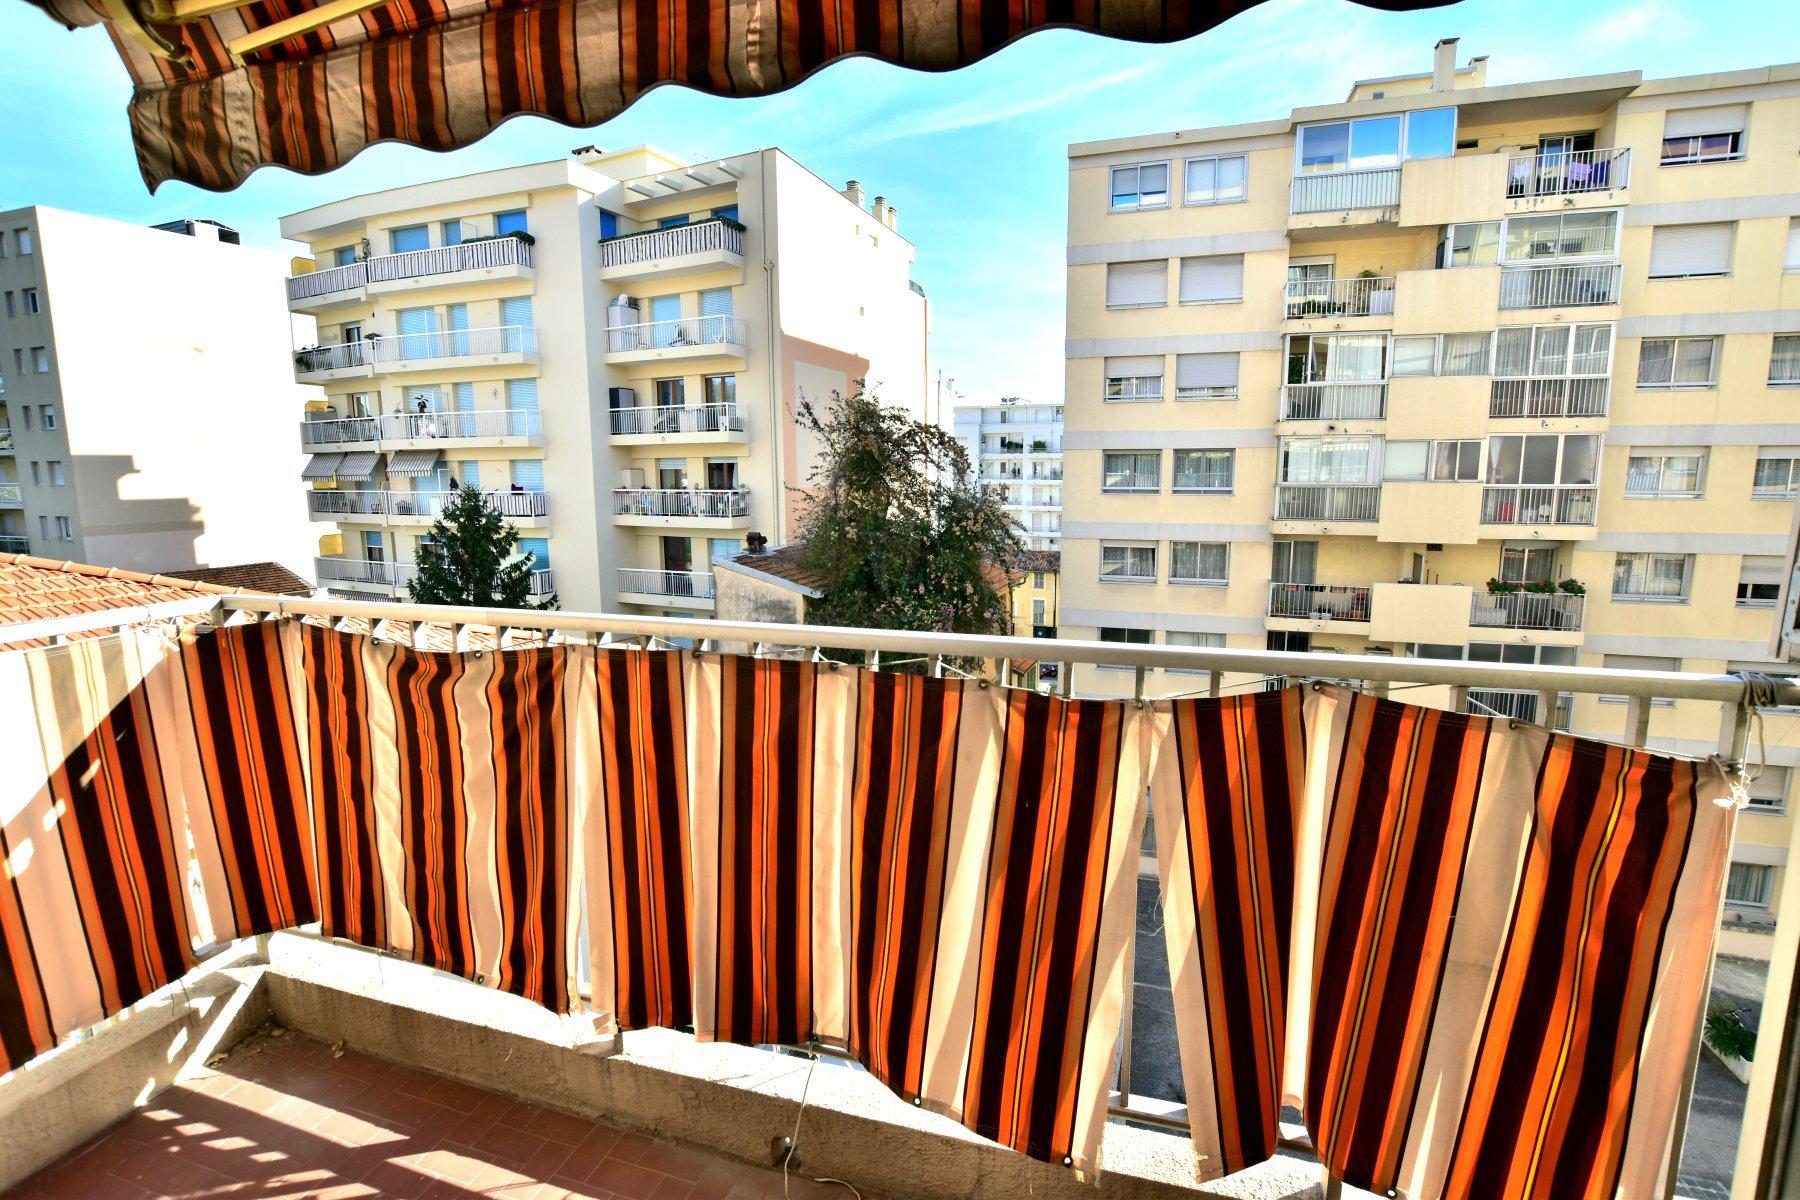 2 pièces 42 m² en location vide Nice Californie